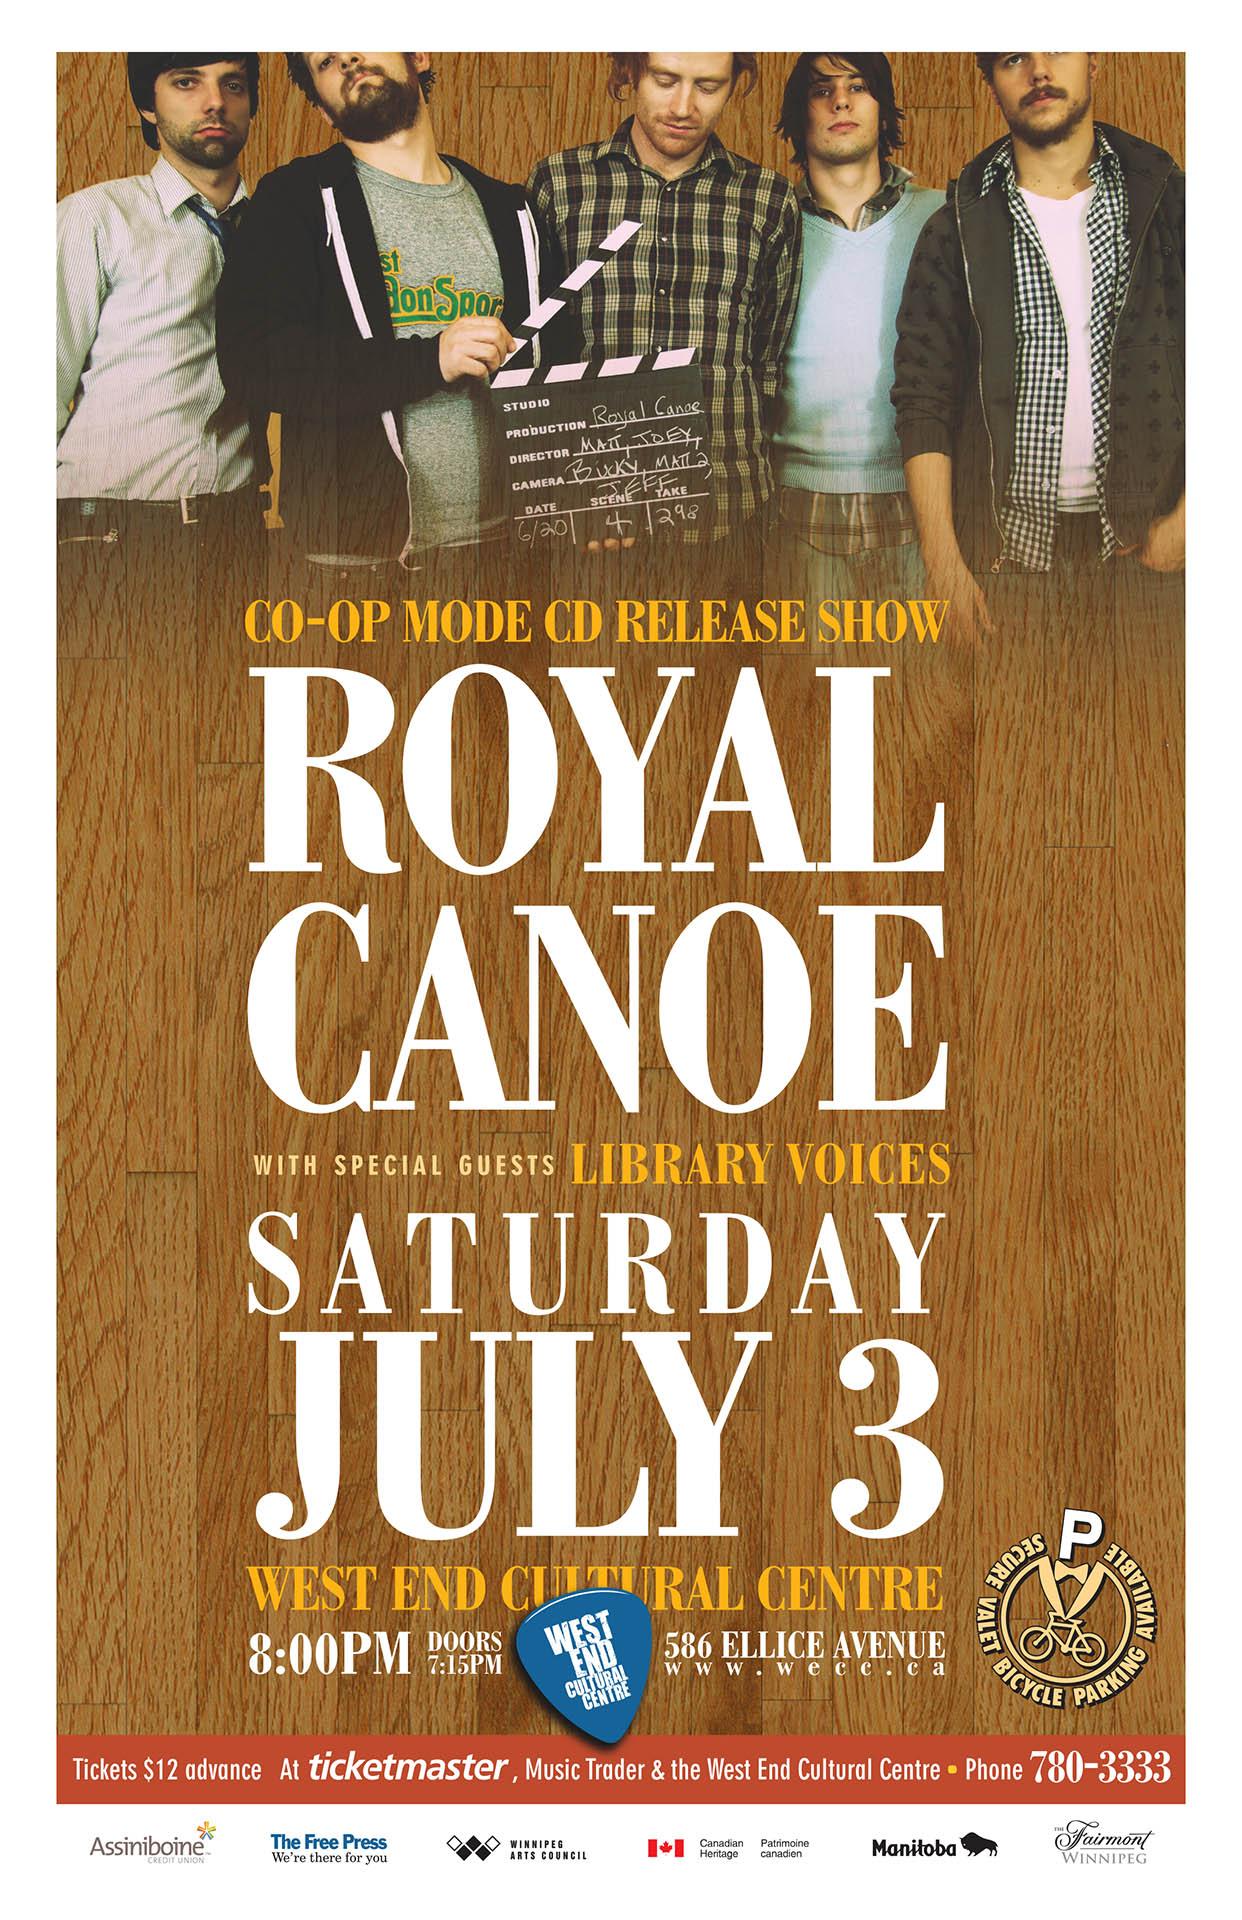 ROYAL CANOE – 2010